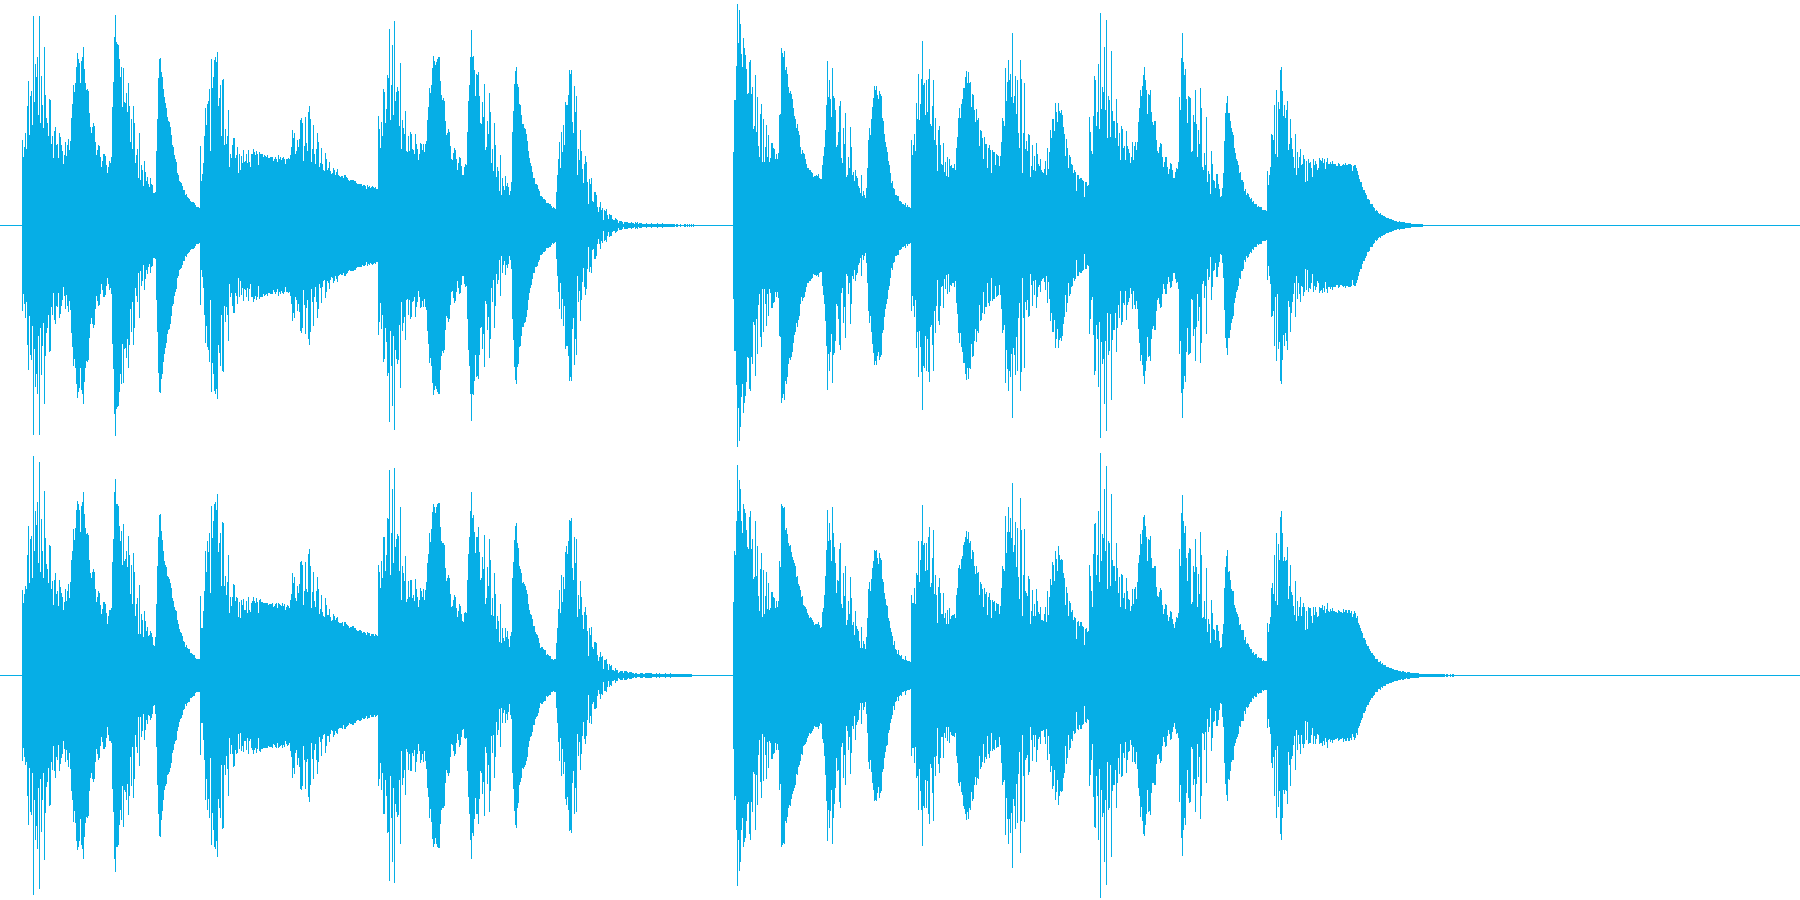 木琴の音でほのぼのとしたジングルの再生済みの波形